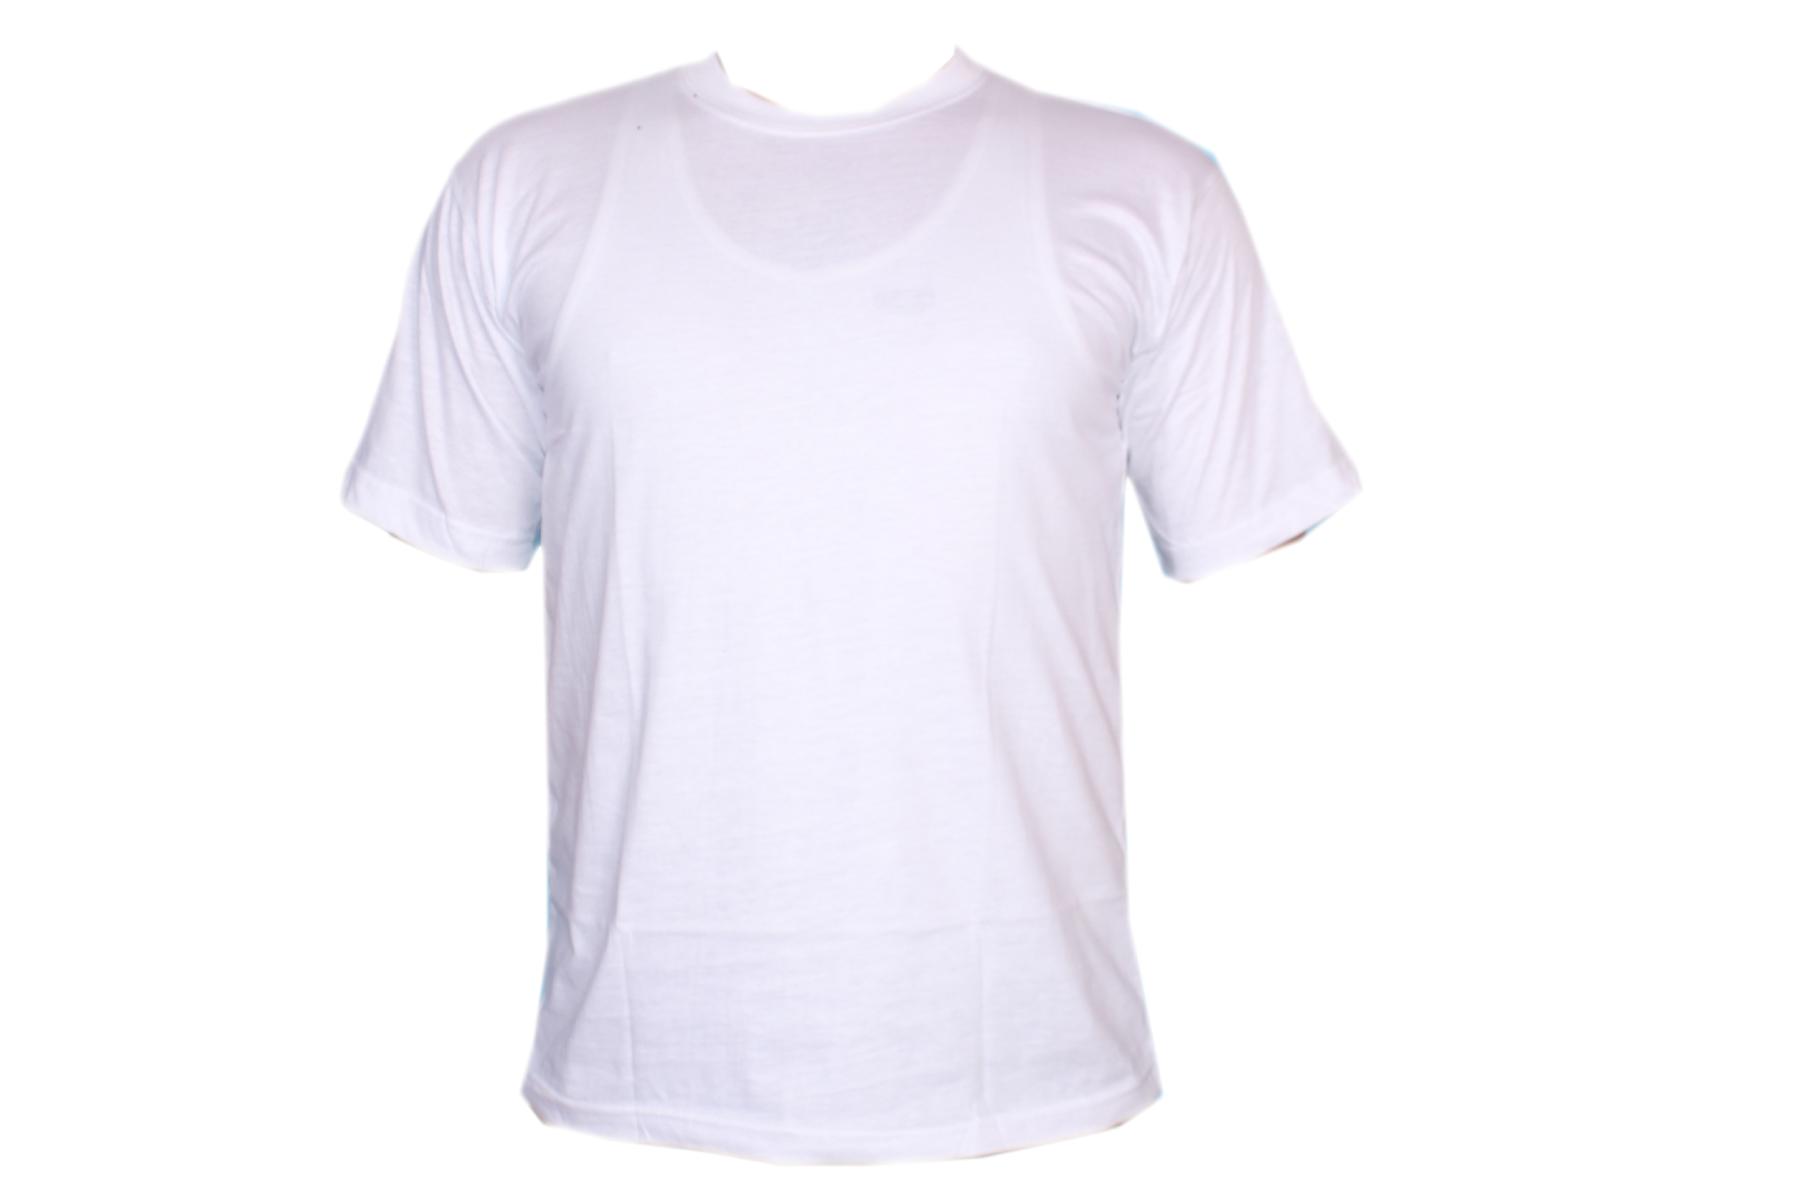 newest collection 888b6 a2458 Weiße Herren T-Shirt T-Shirts Gr. XXXL